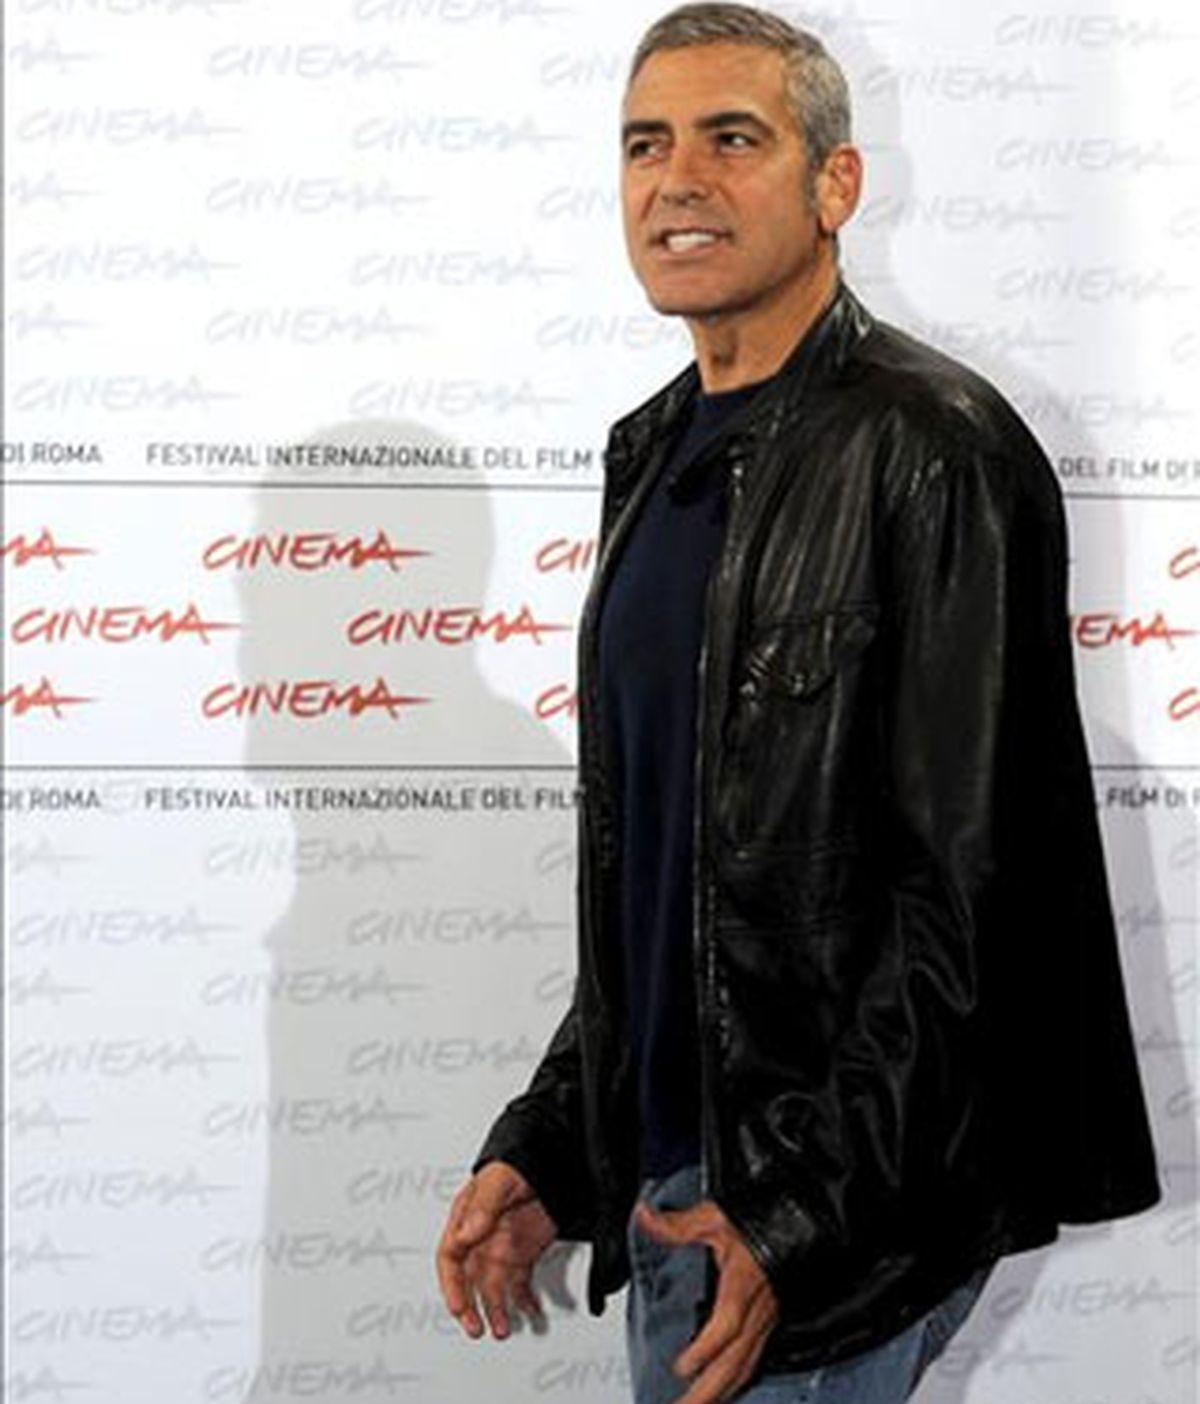 El actor estadounidense George Clooney posa durante el pase gráfico de la película 'Up in the Air', del cineasta canadiense Jason Reitman, que se presenta en la competición oficial del Festival Internacional de Cine de Roma (Italia), el 17 de octubre de 2009. El festival tiene lugar hasta el próximo 23 de octubre. EFE